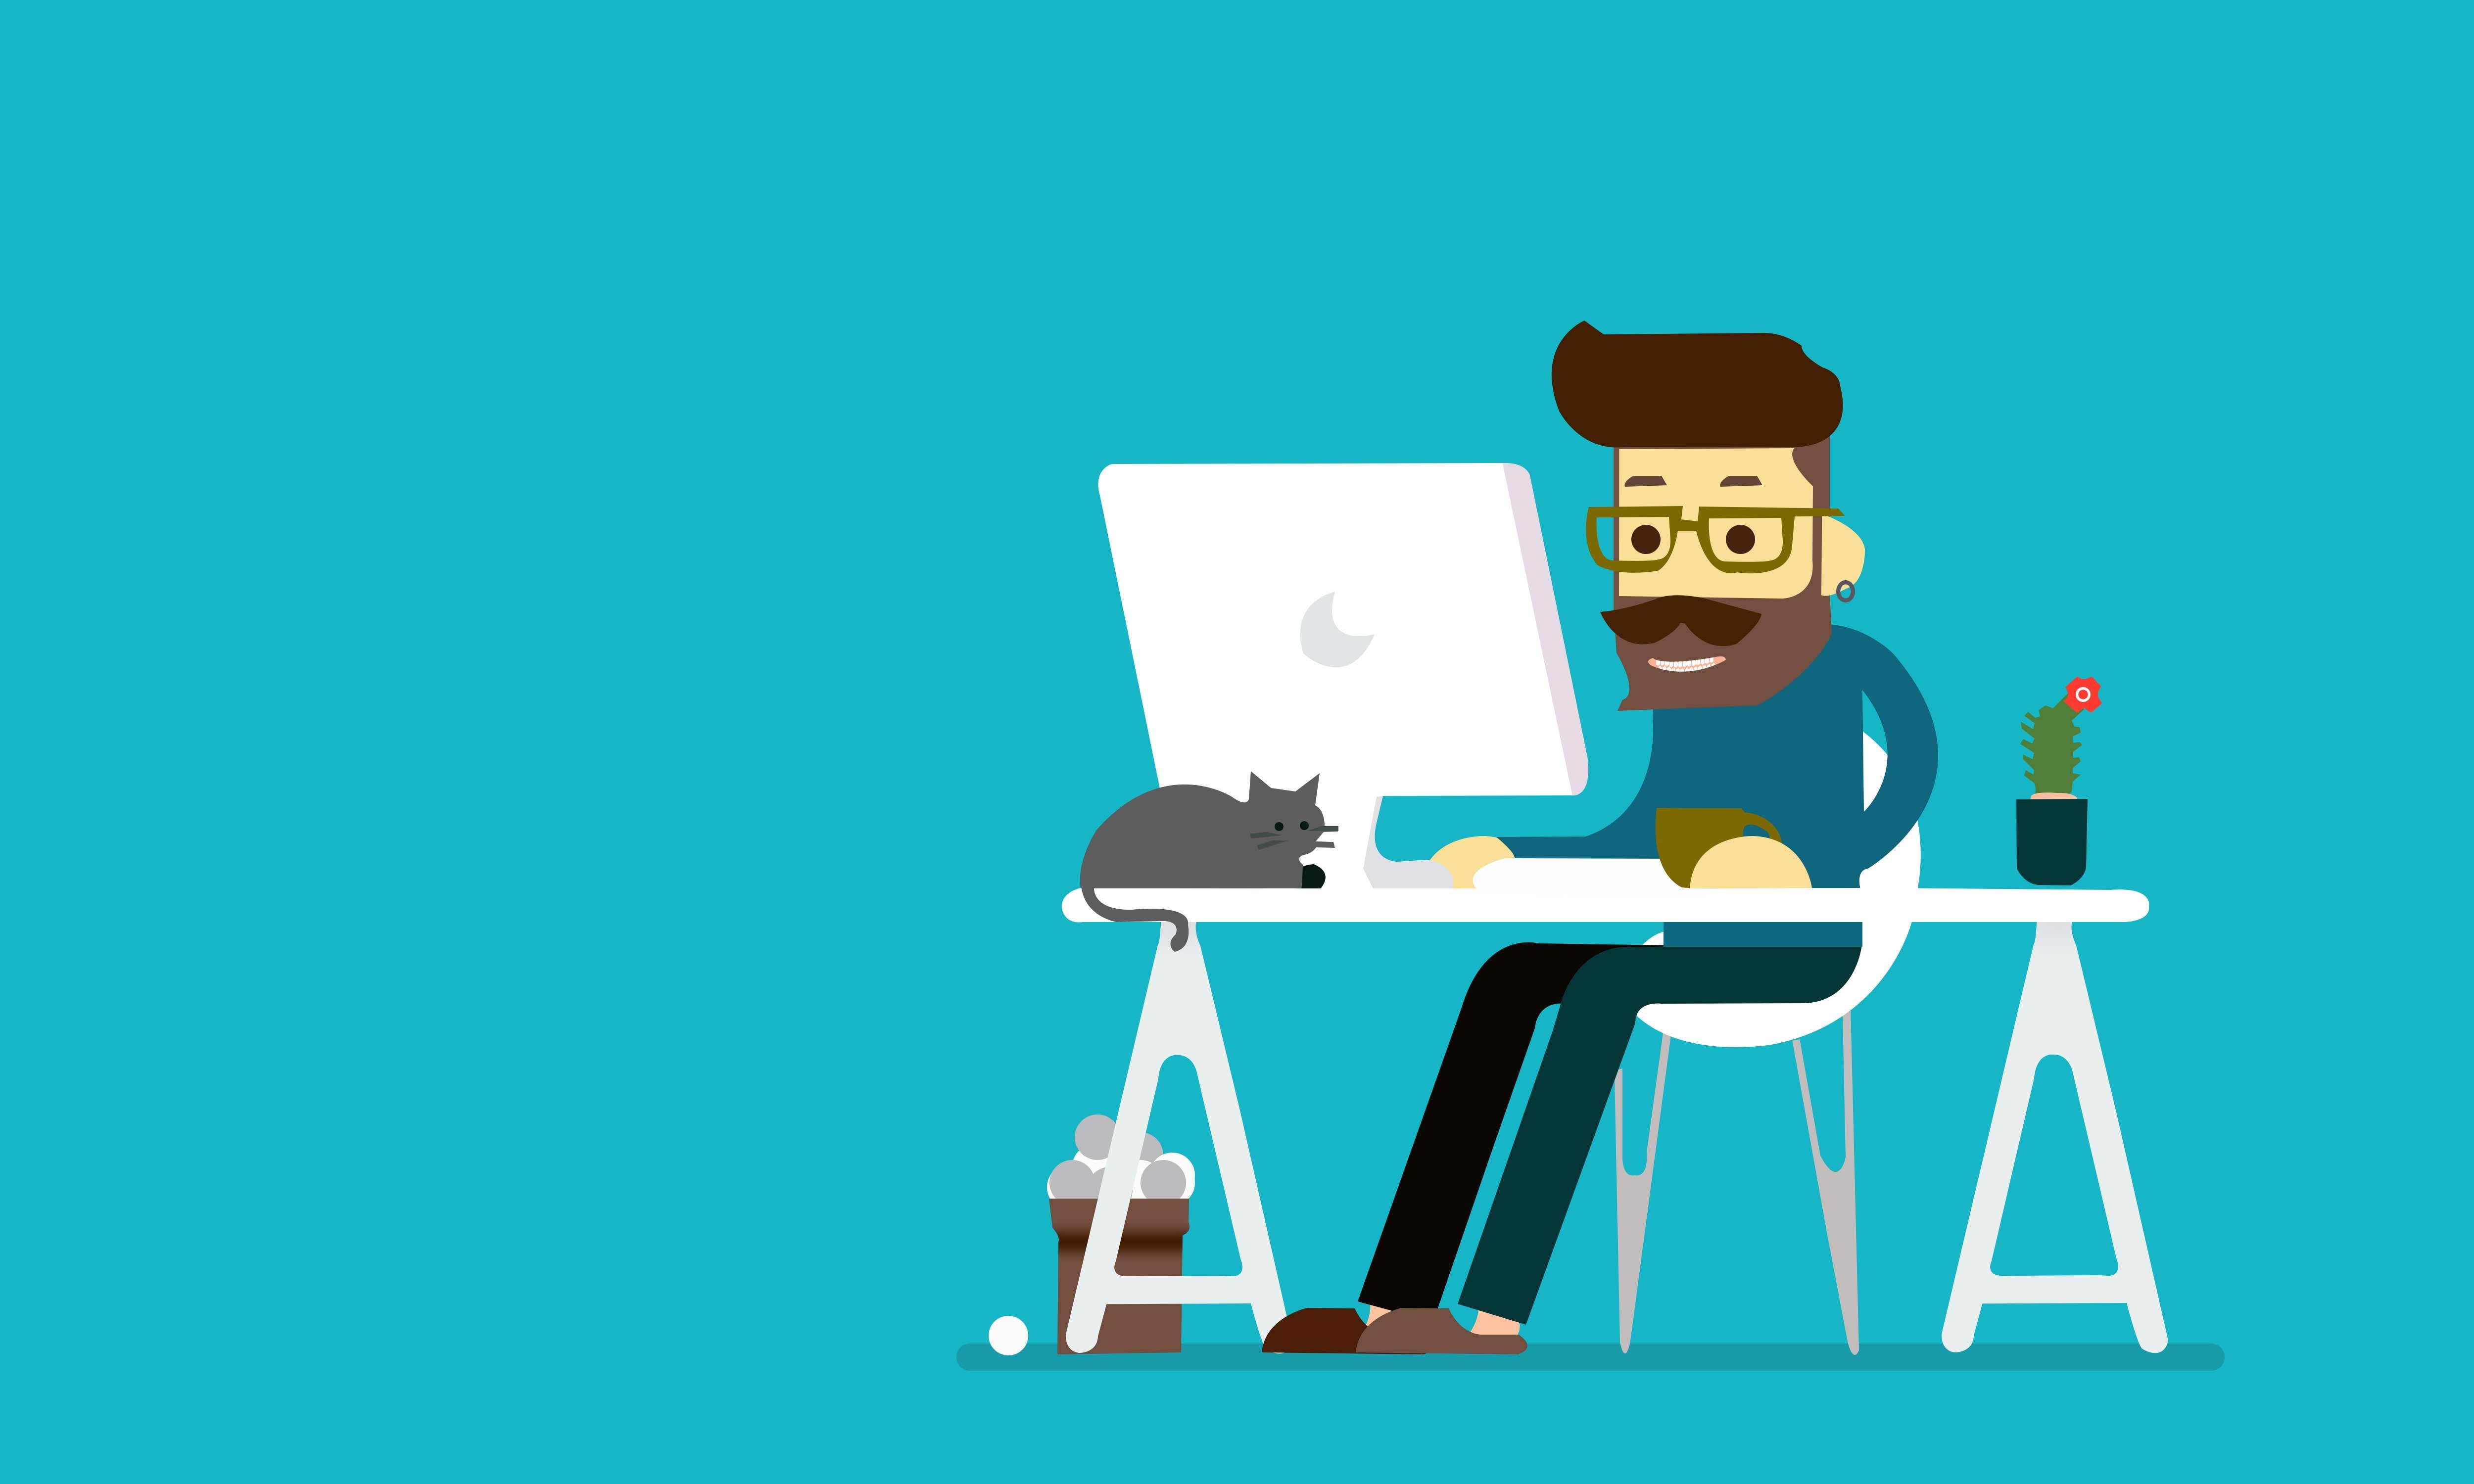 网站设计在视觉方面应该怎么做